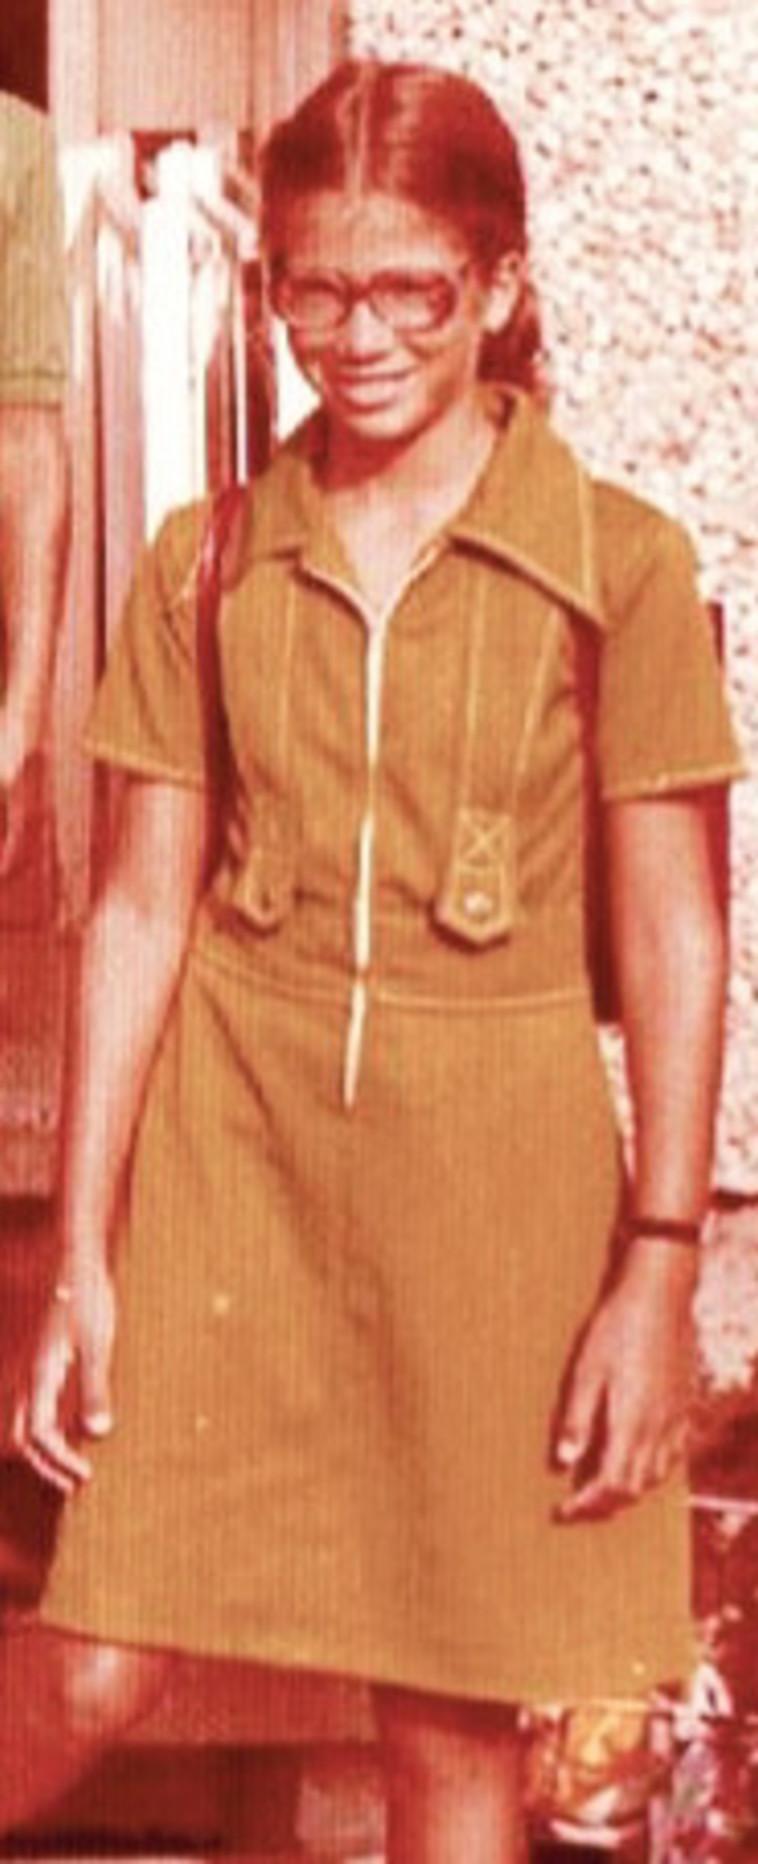 אורית לביא נשיאל כילדה (צילום: פרטי)